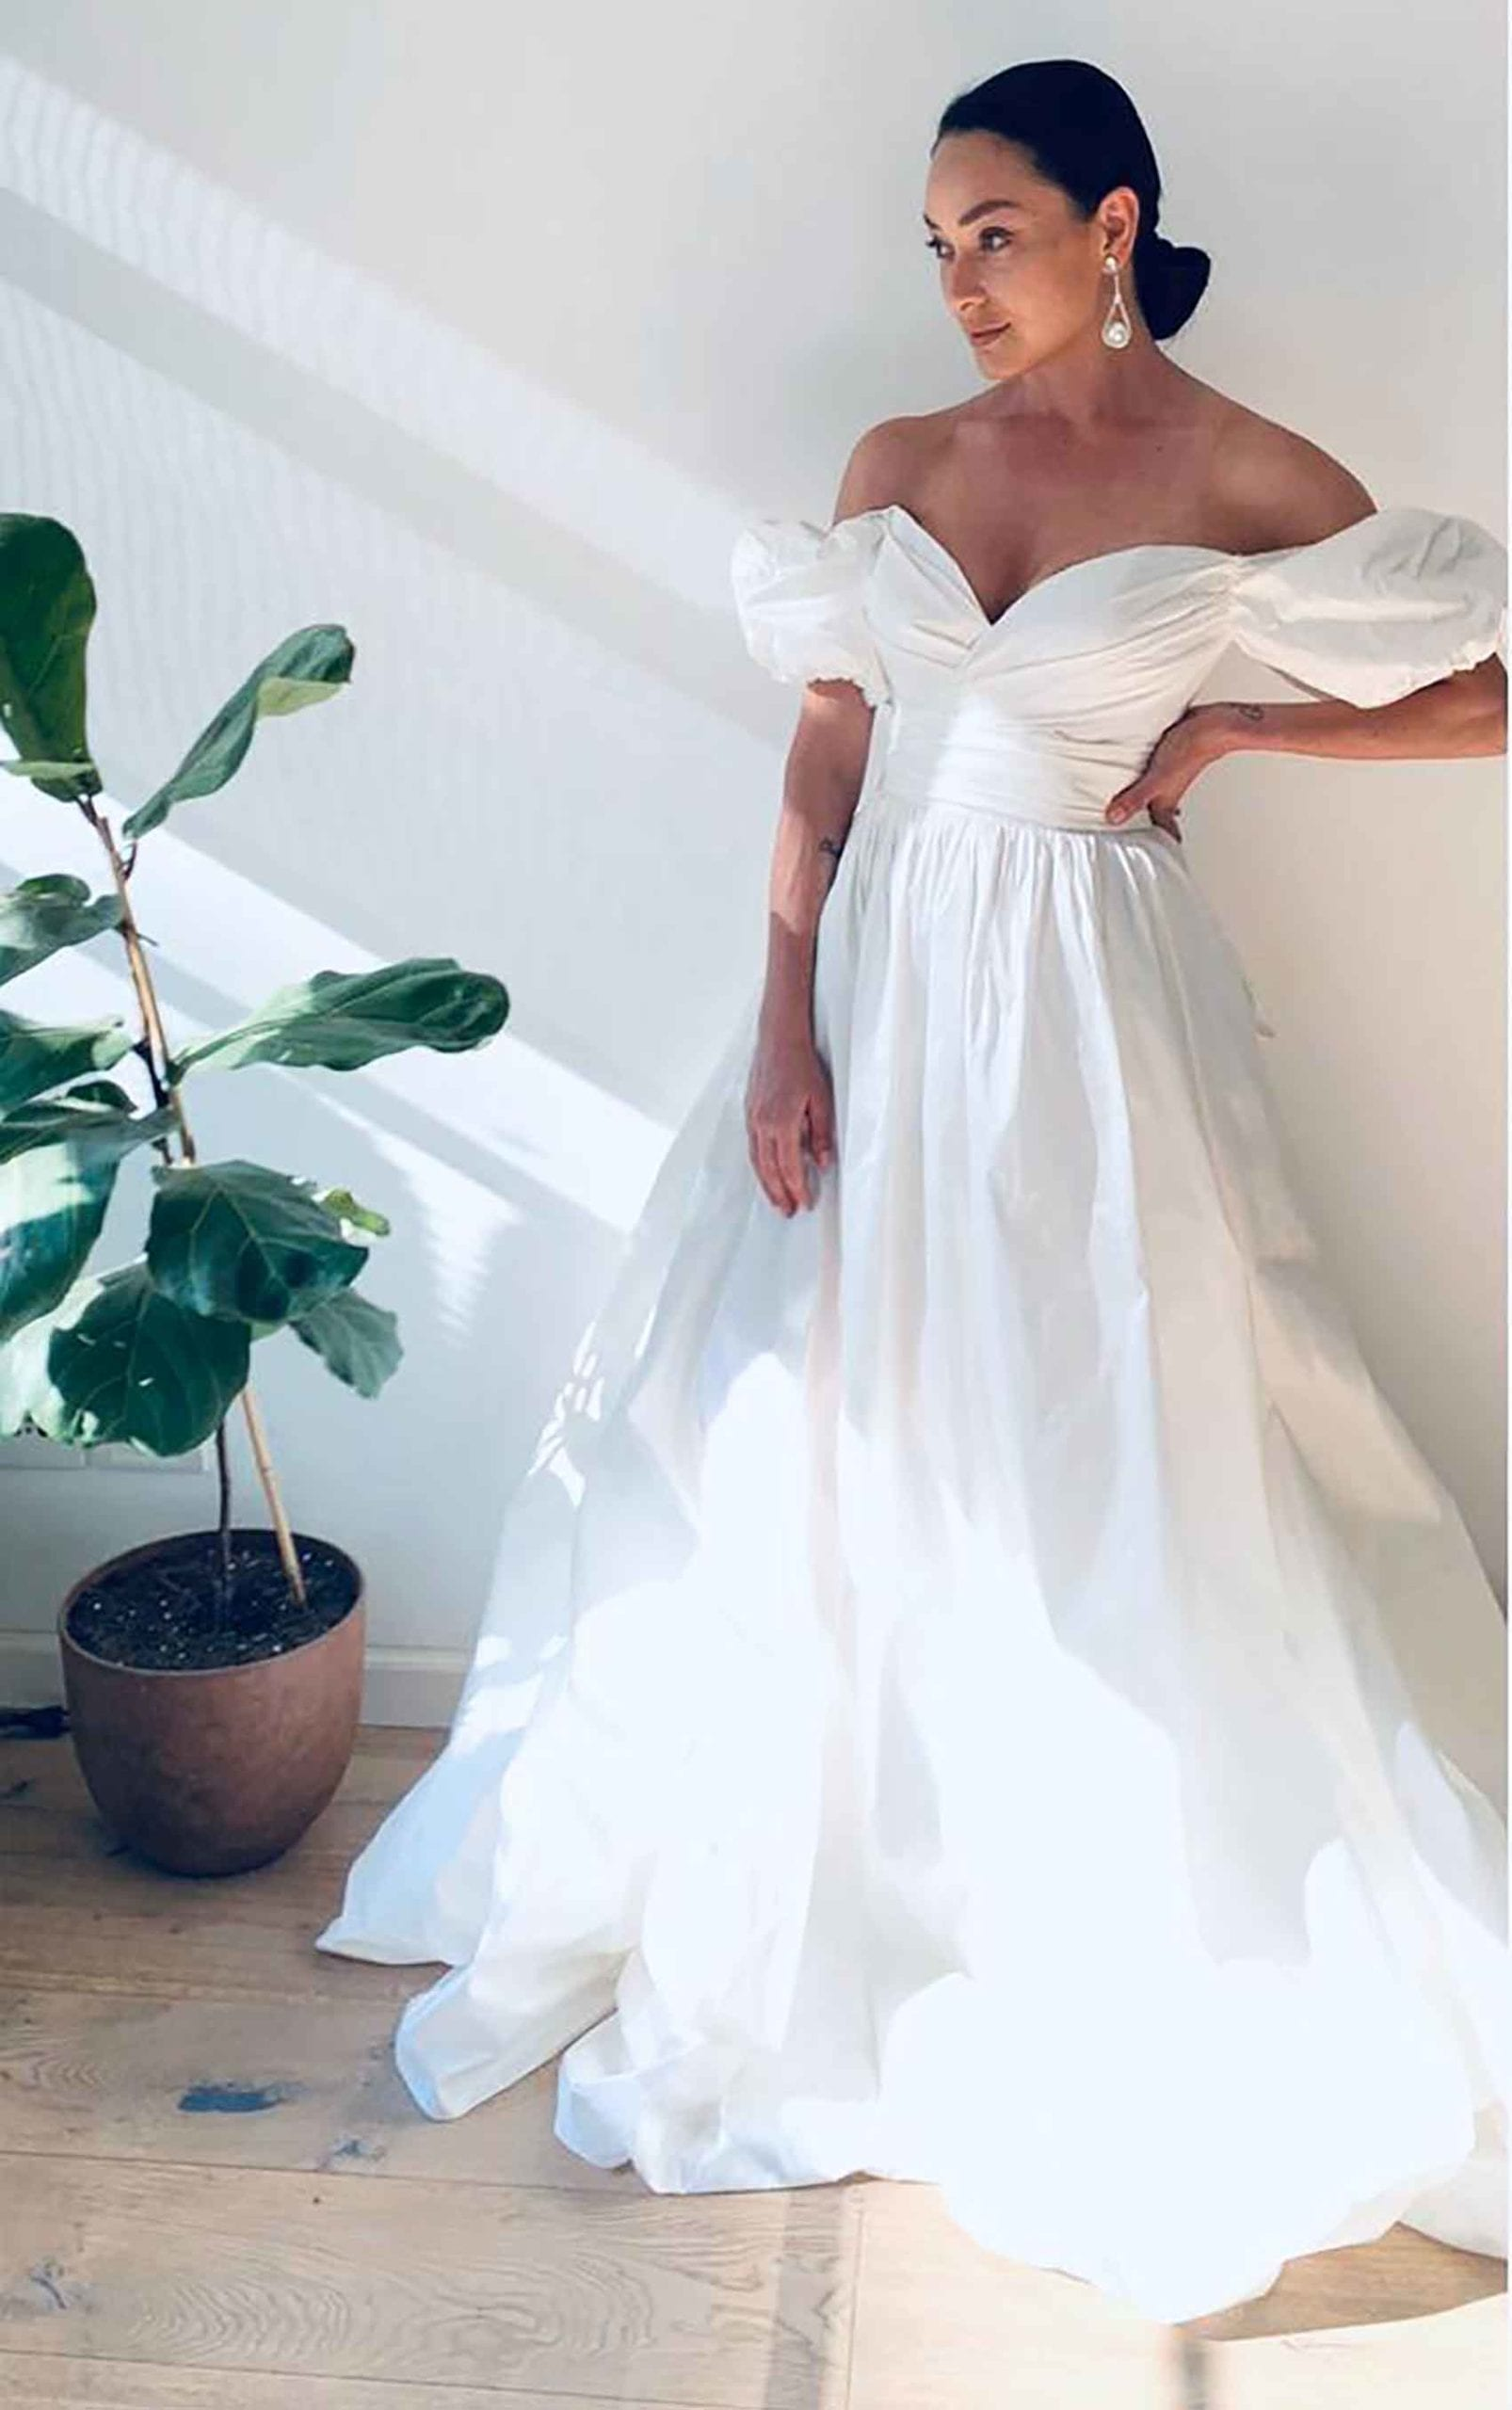 אנה-ארונוב-בשמלה-של-ליהי-הוד-מגזין-אופנה